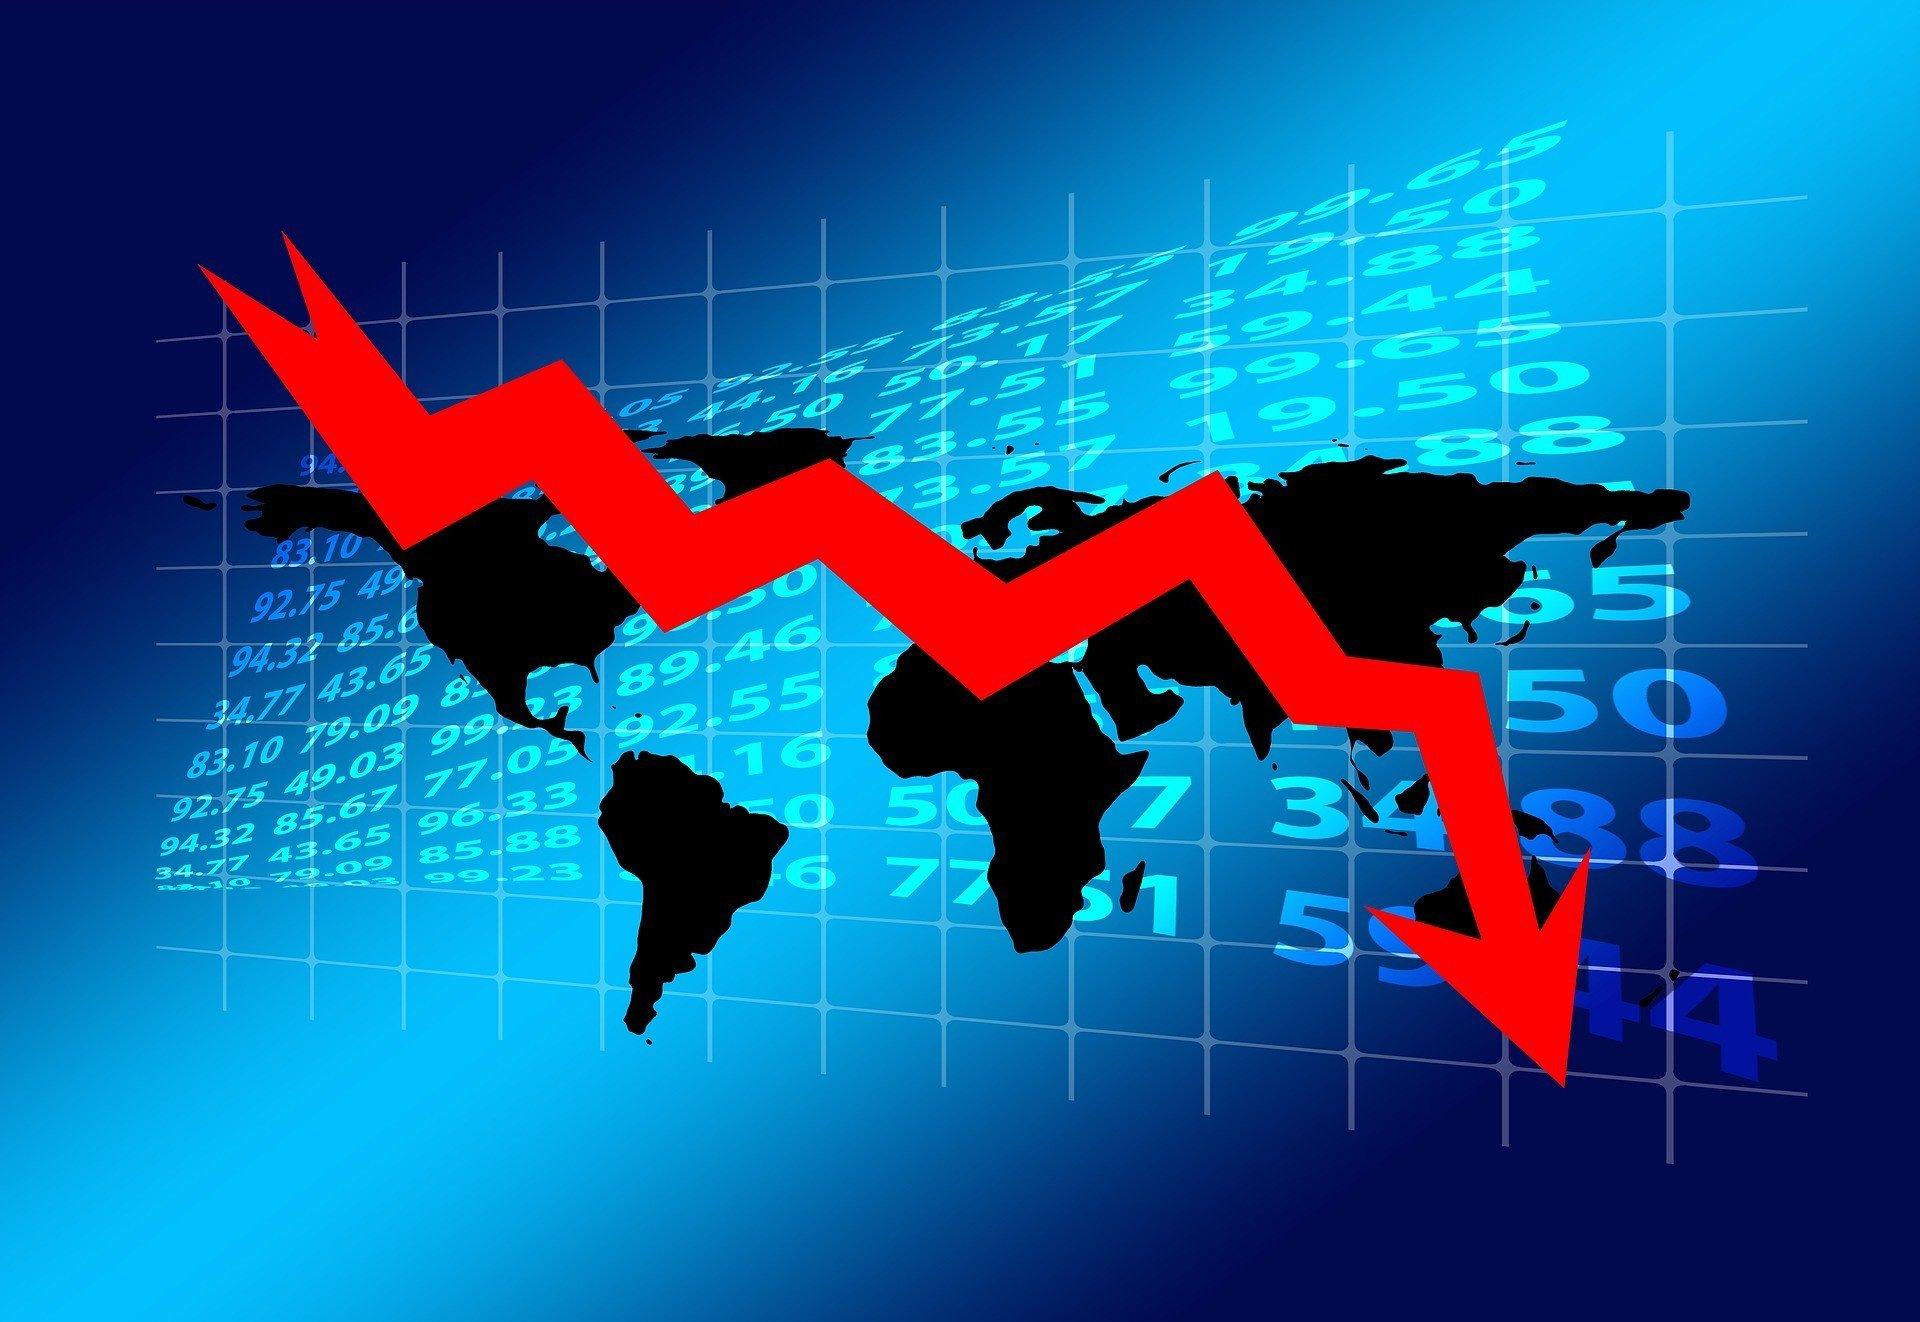 Экономический рост в Азии остановится впервые за 60 лет